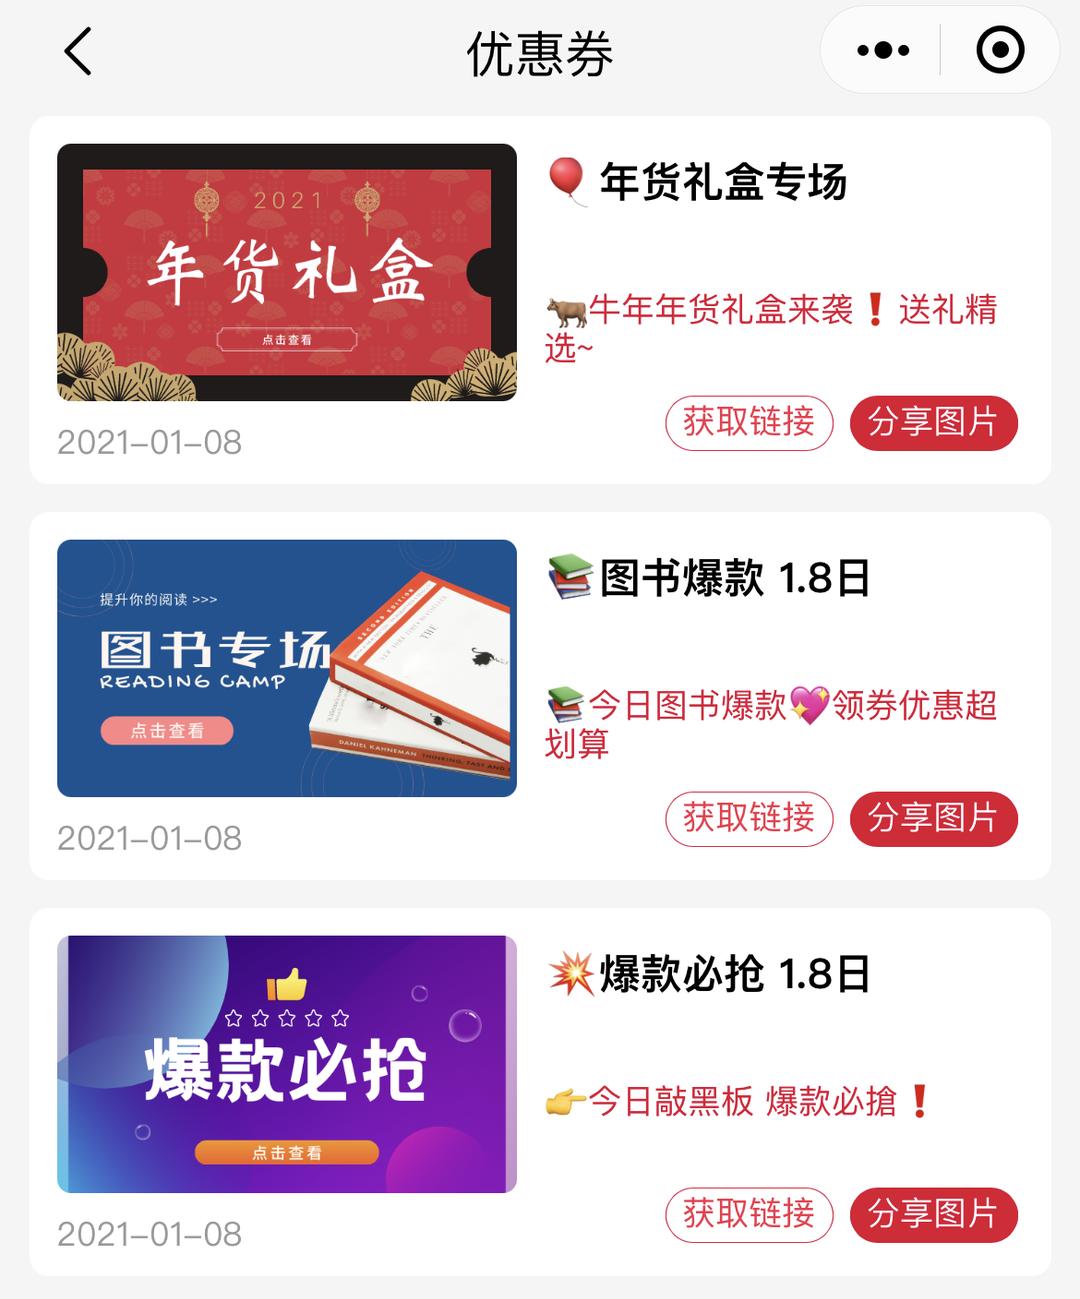 东小店南少:2021东小店有什么变化,原来官方偷偷更新了这5大功能!插图8